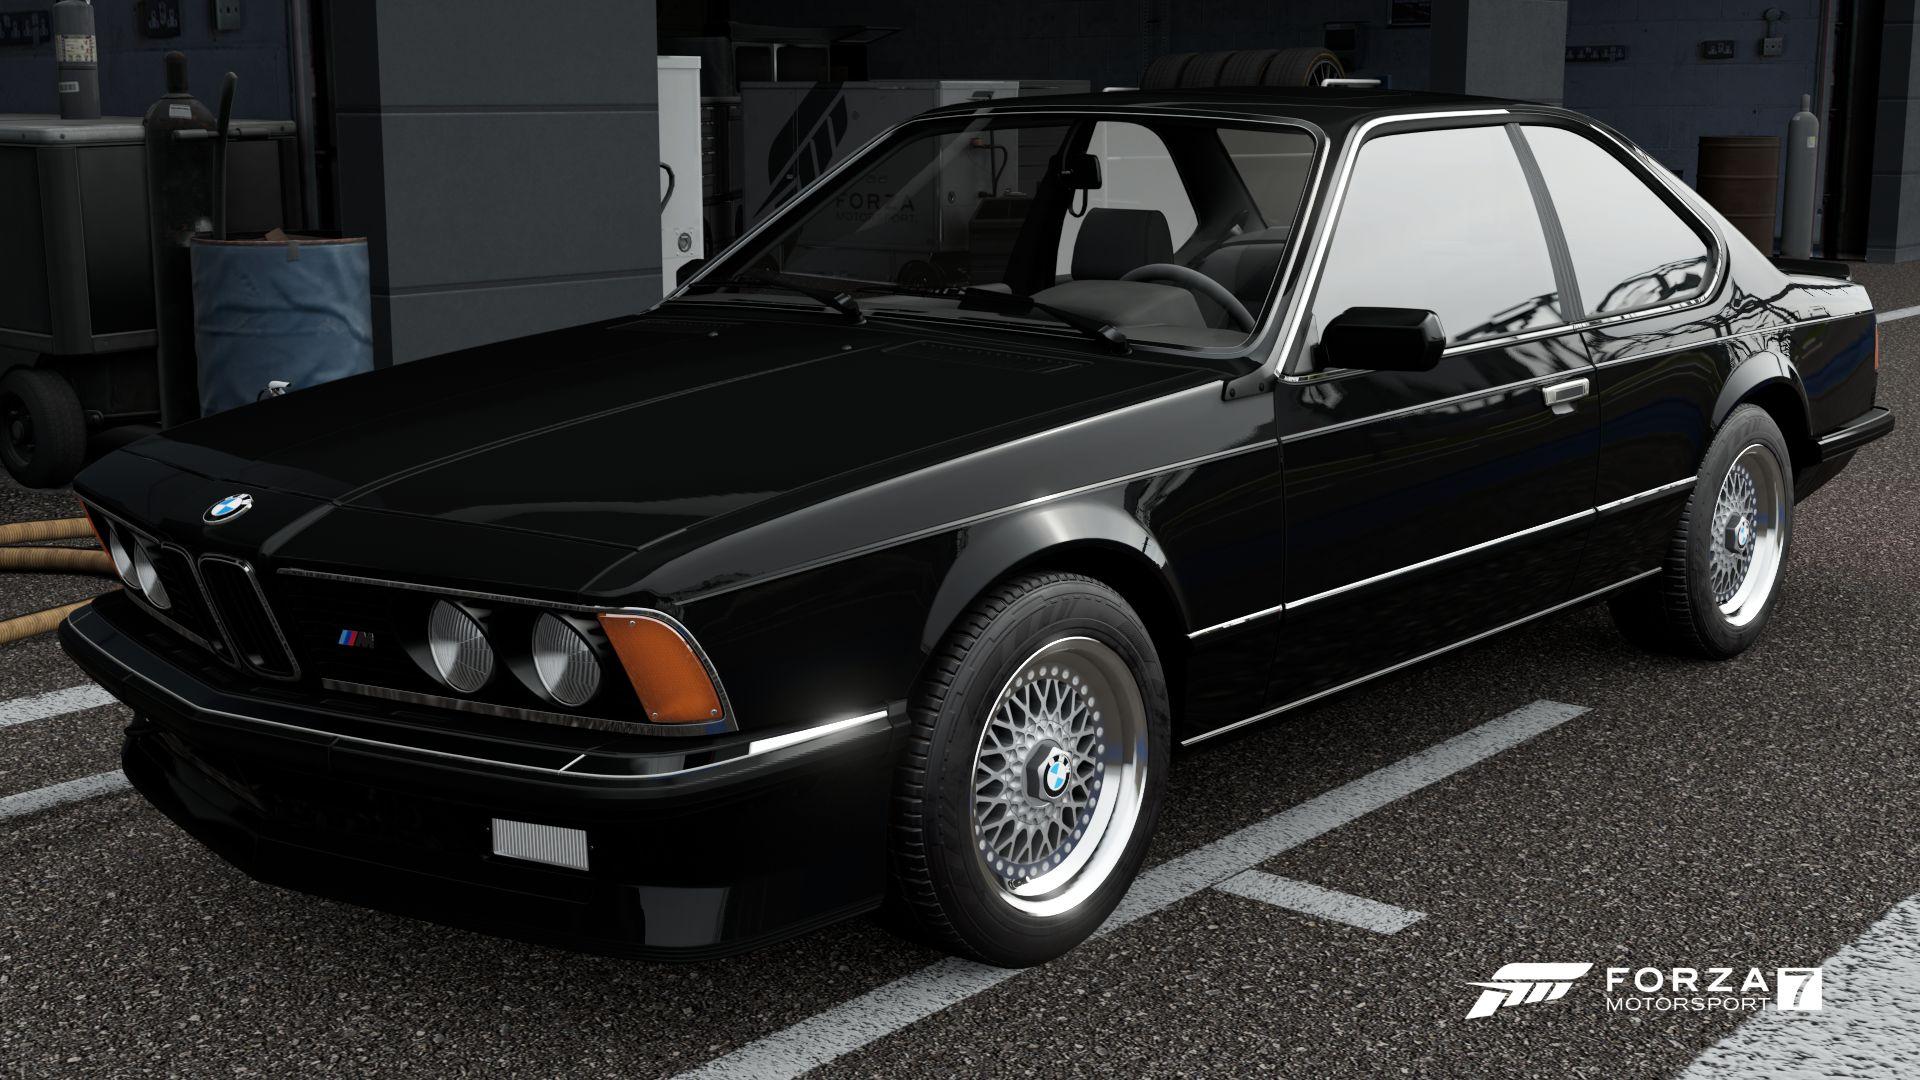 BMW M635 CSi Forza Motorsport Wiki